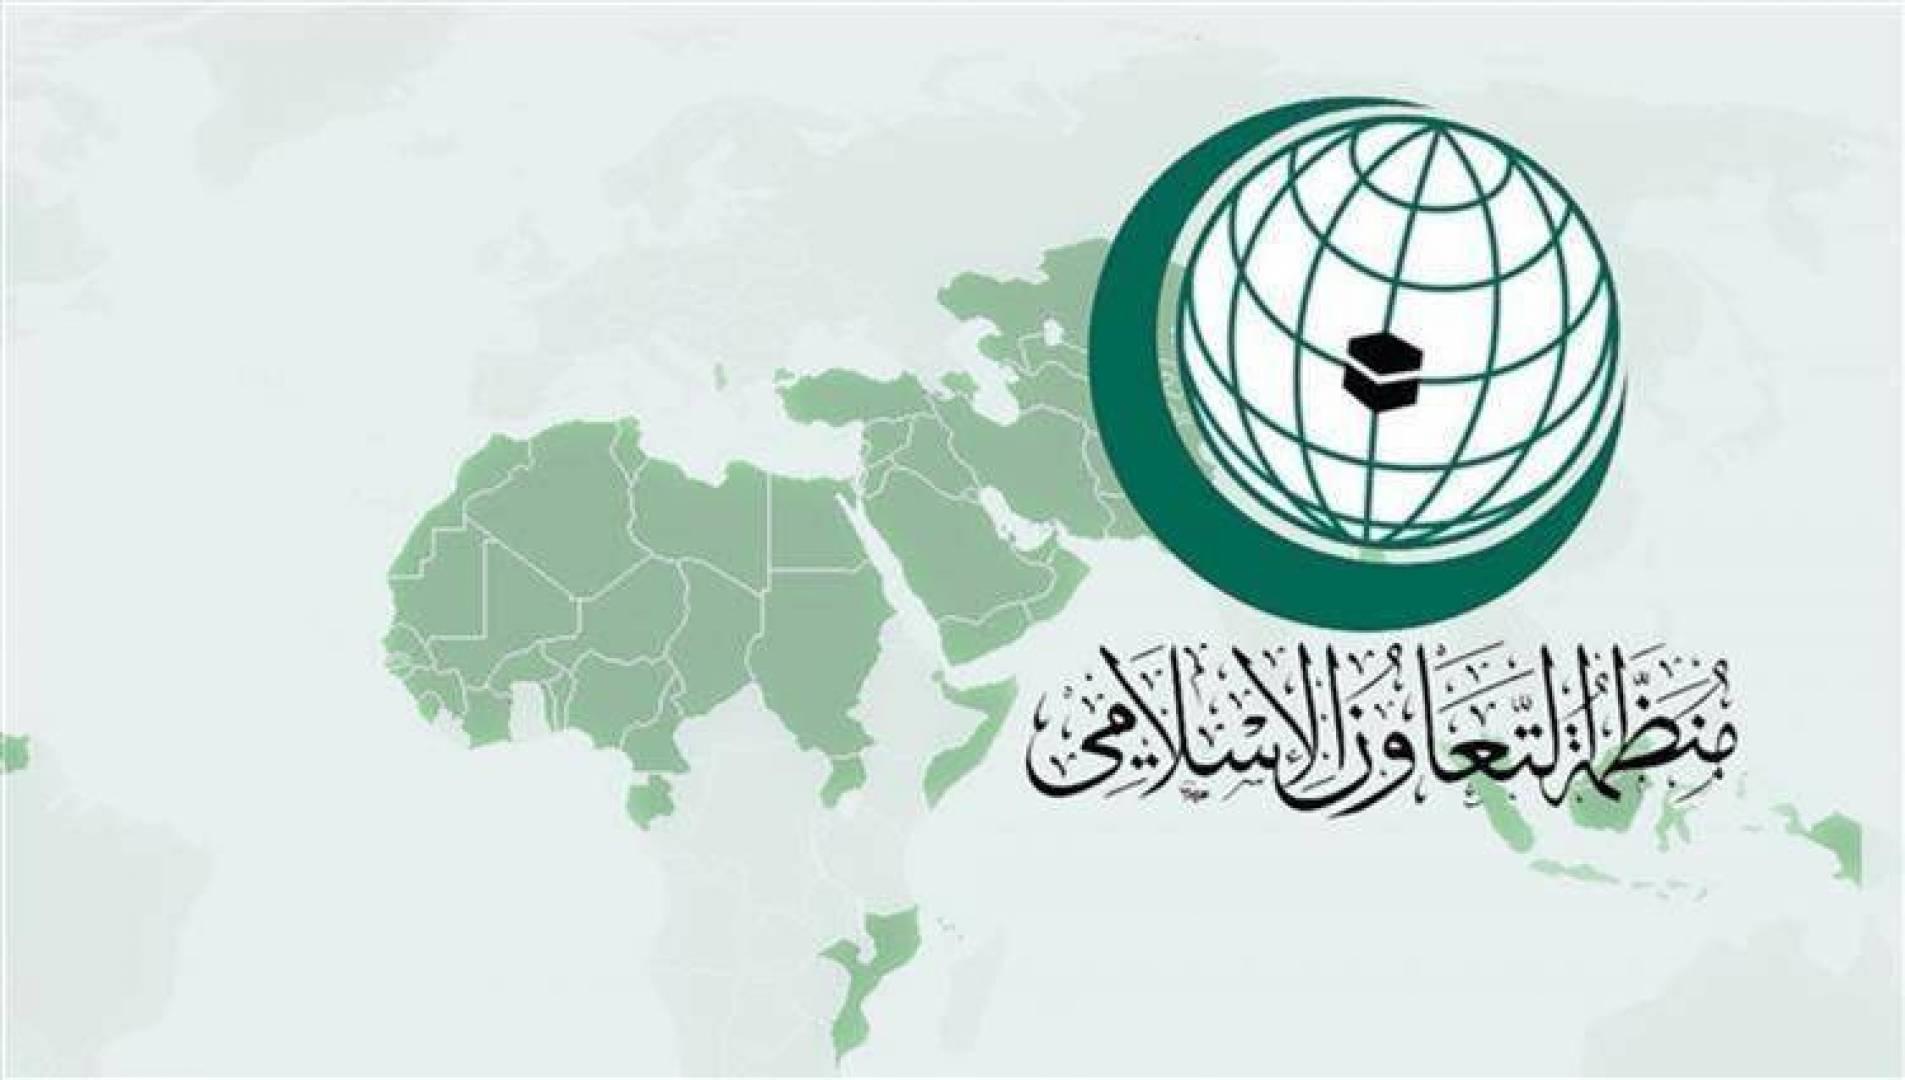 التعاون الإسلامي تدين تصريحات نتنياهو حول ضم أراض من الضفة الغربية المحتلة